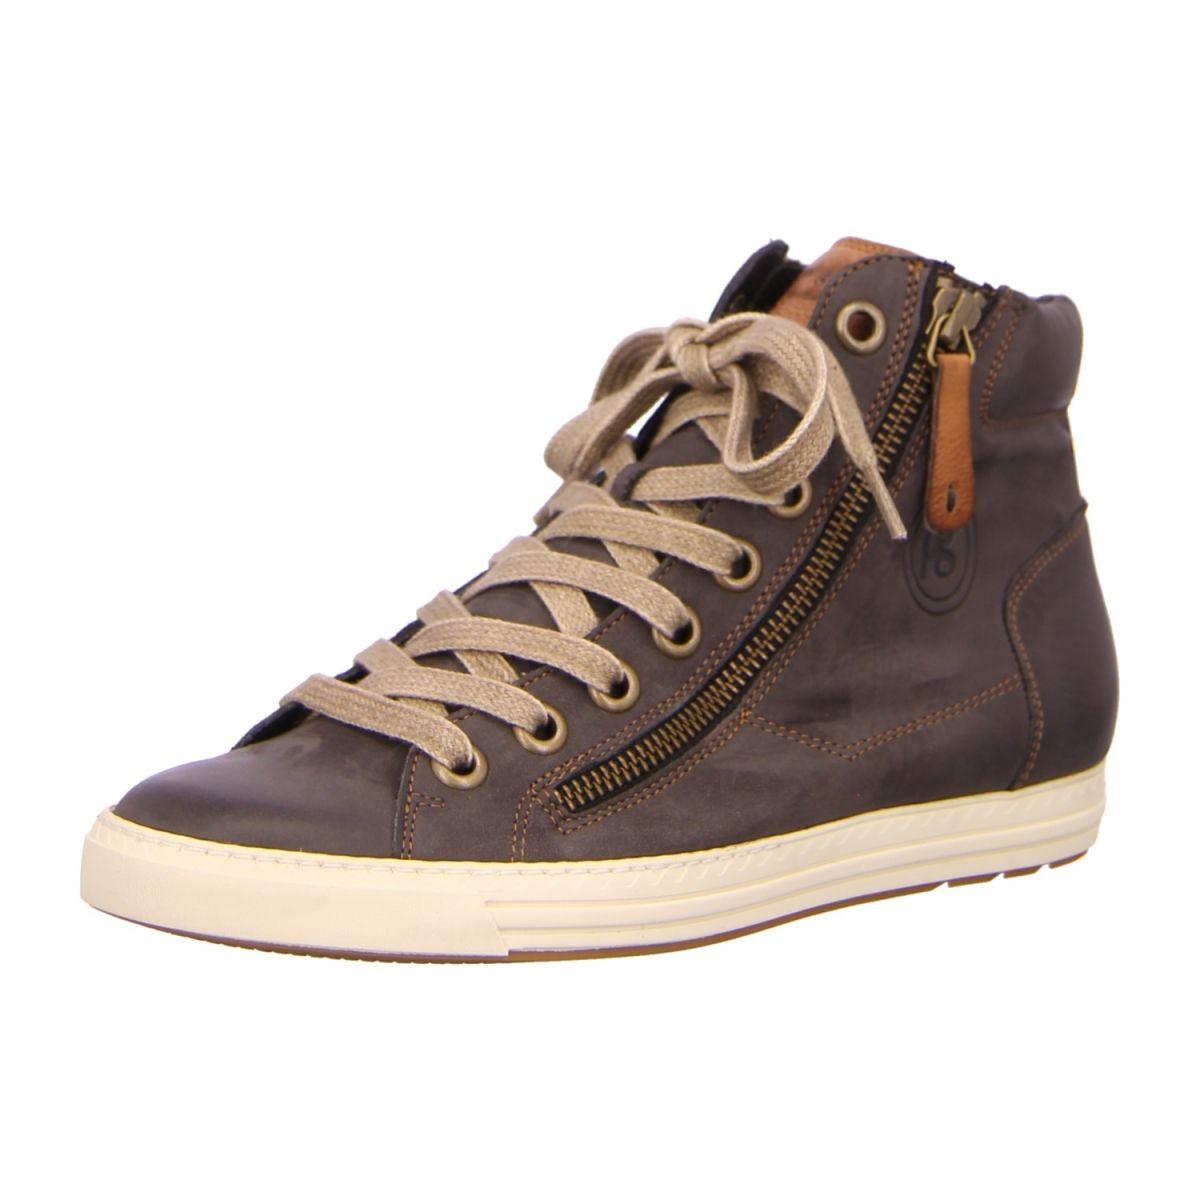 NEU: Paul Green Sneaker 1230-278 - iron/cuoio -